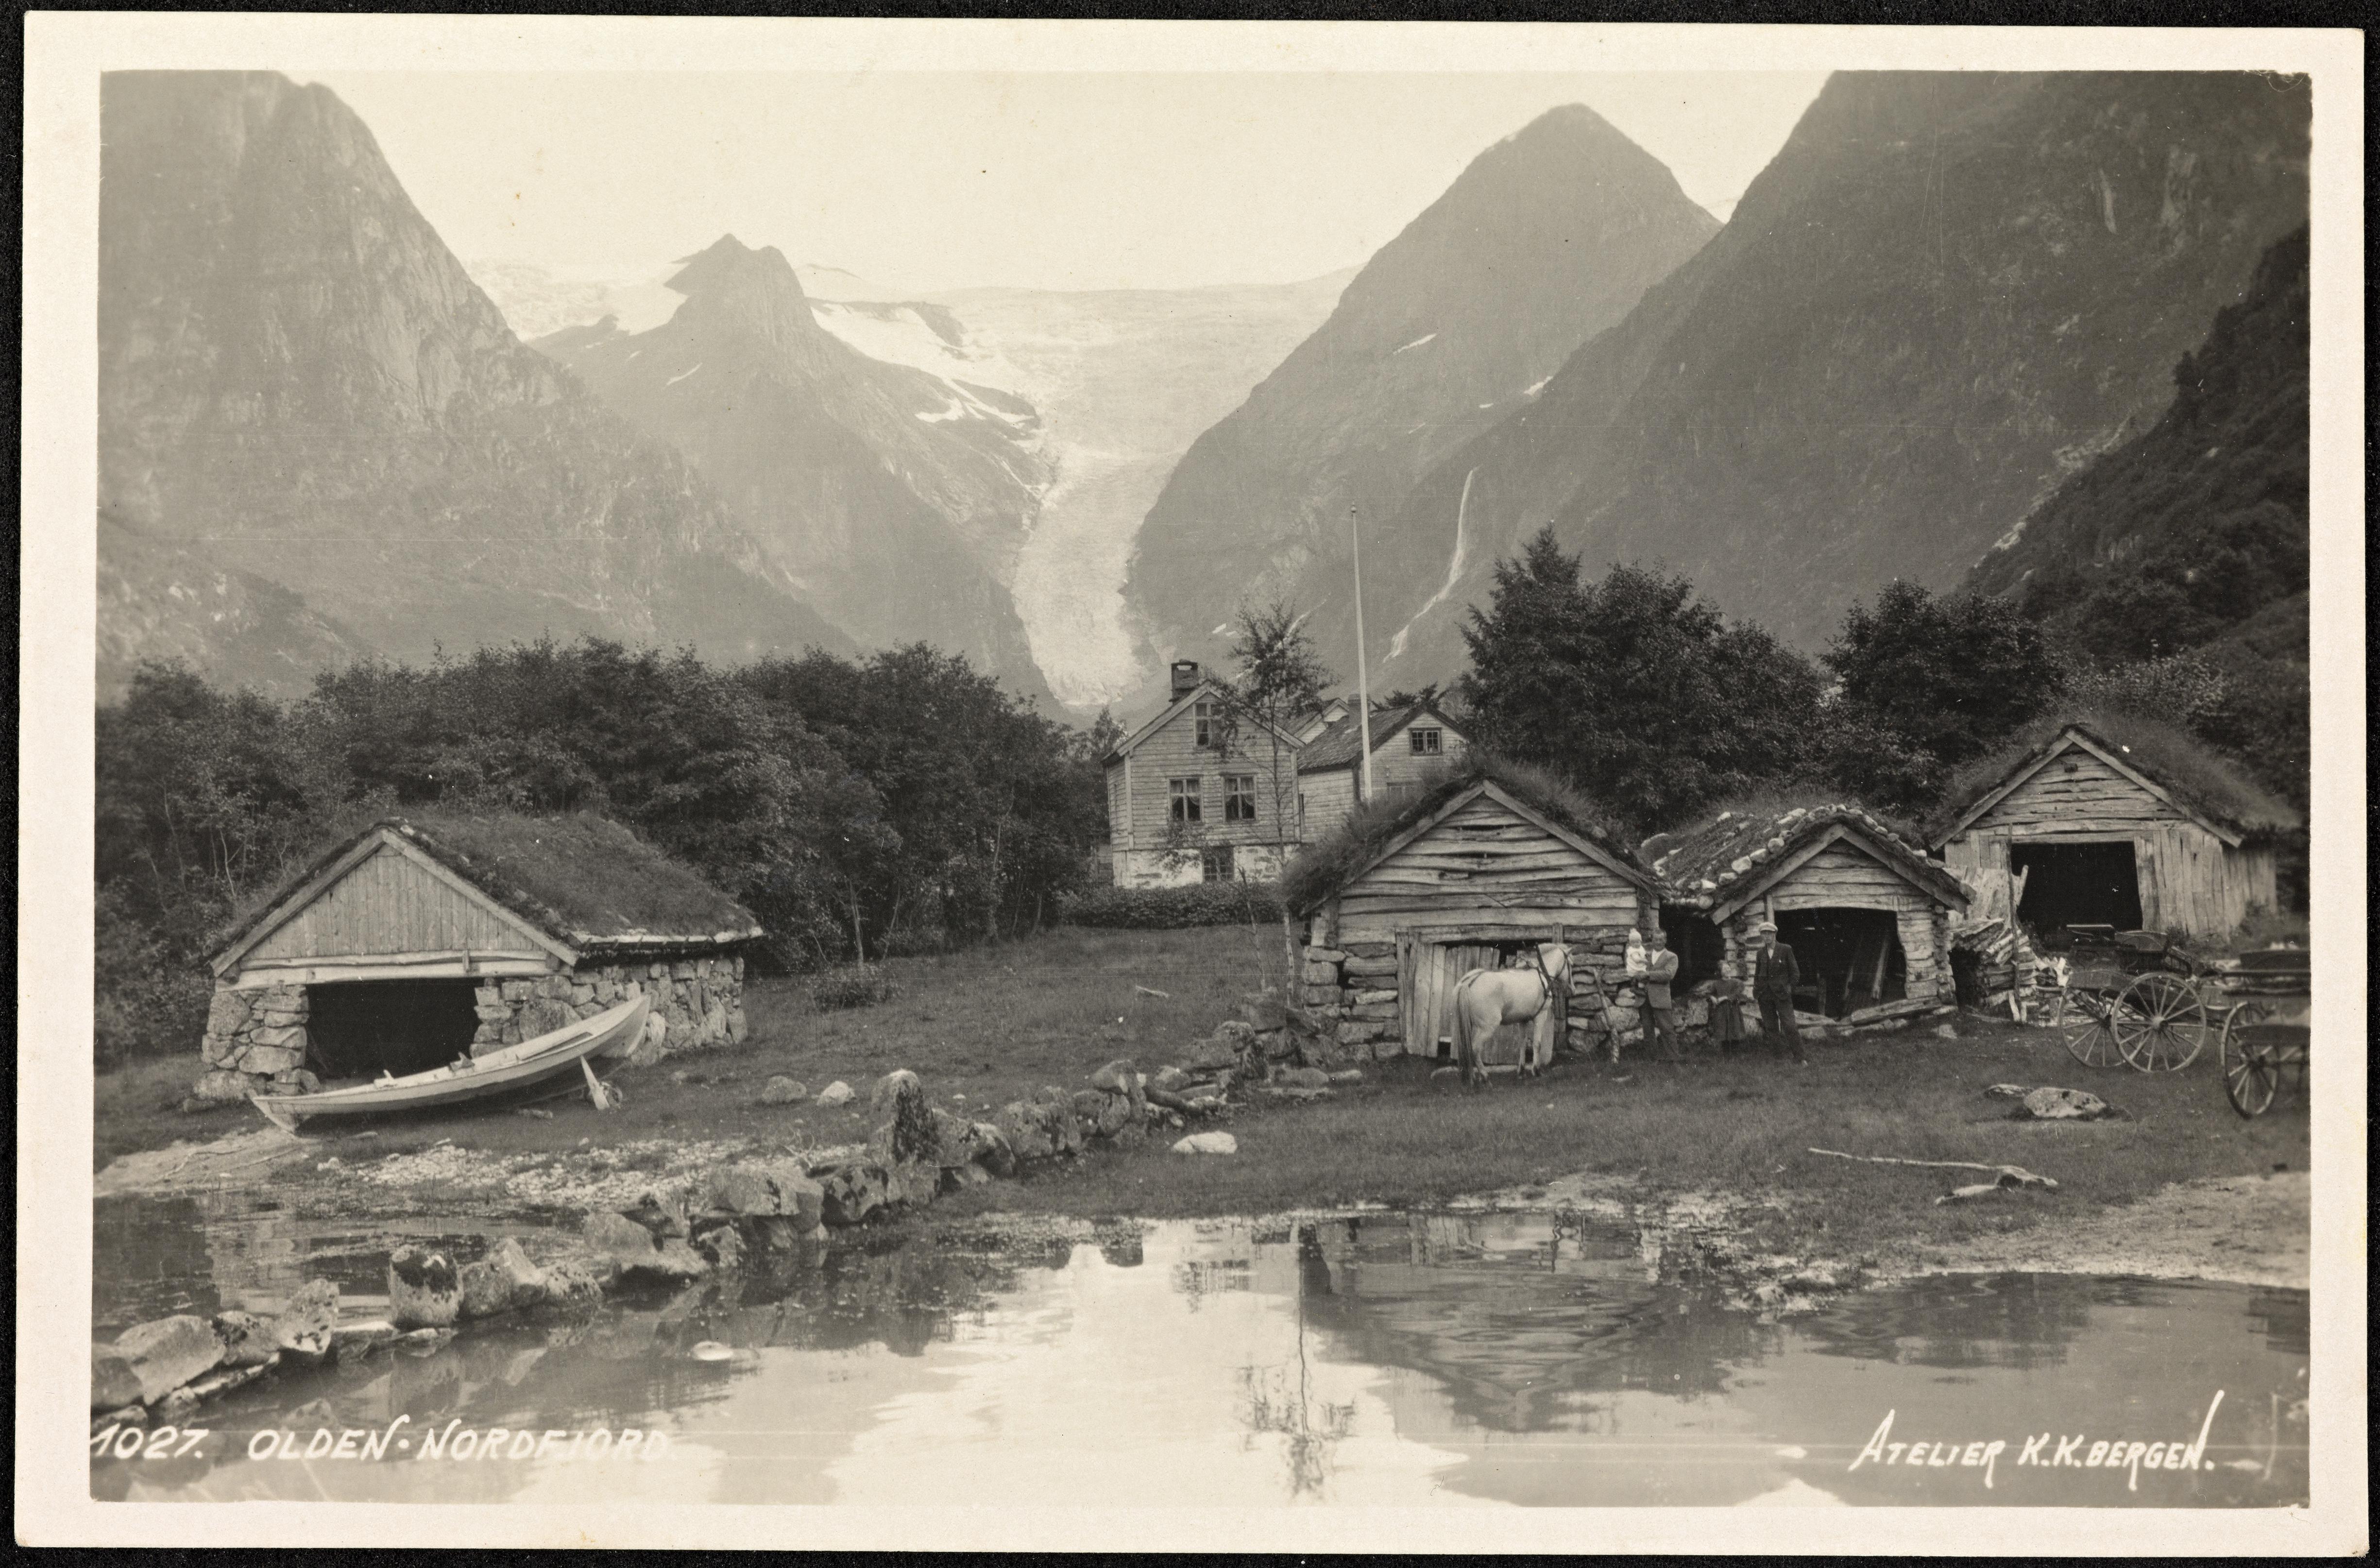 1027. Olden - Nordfjord